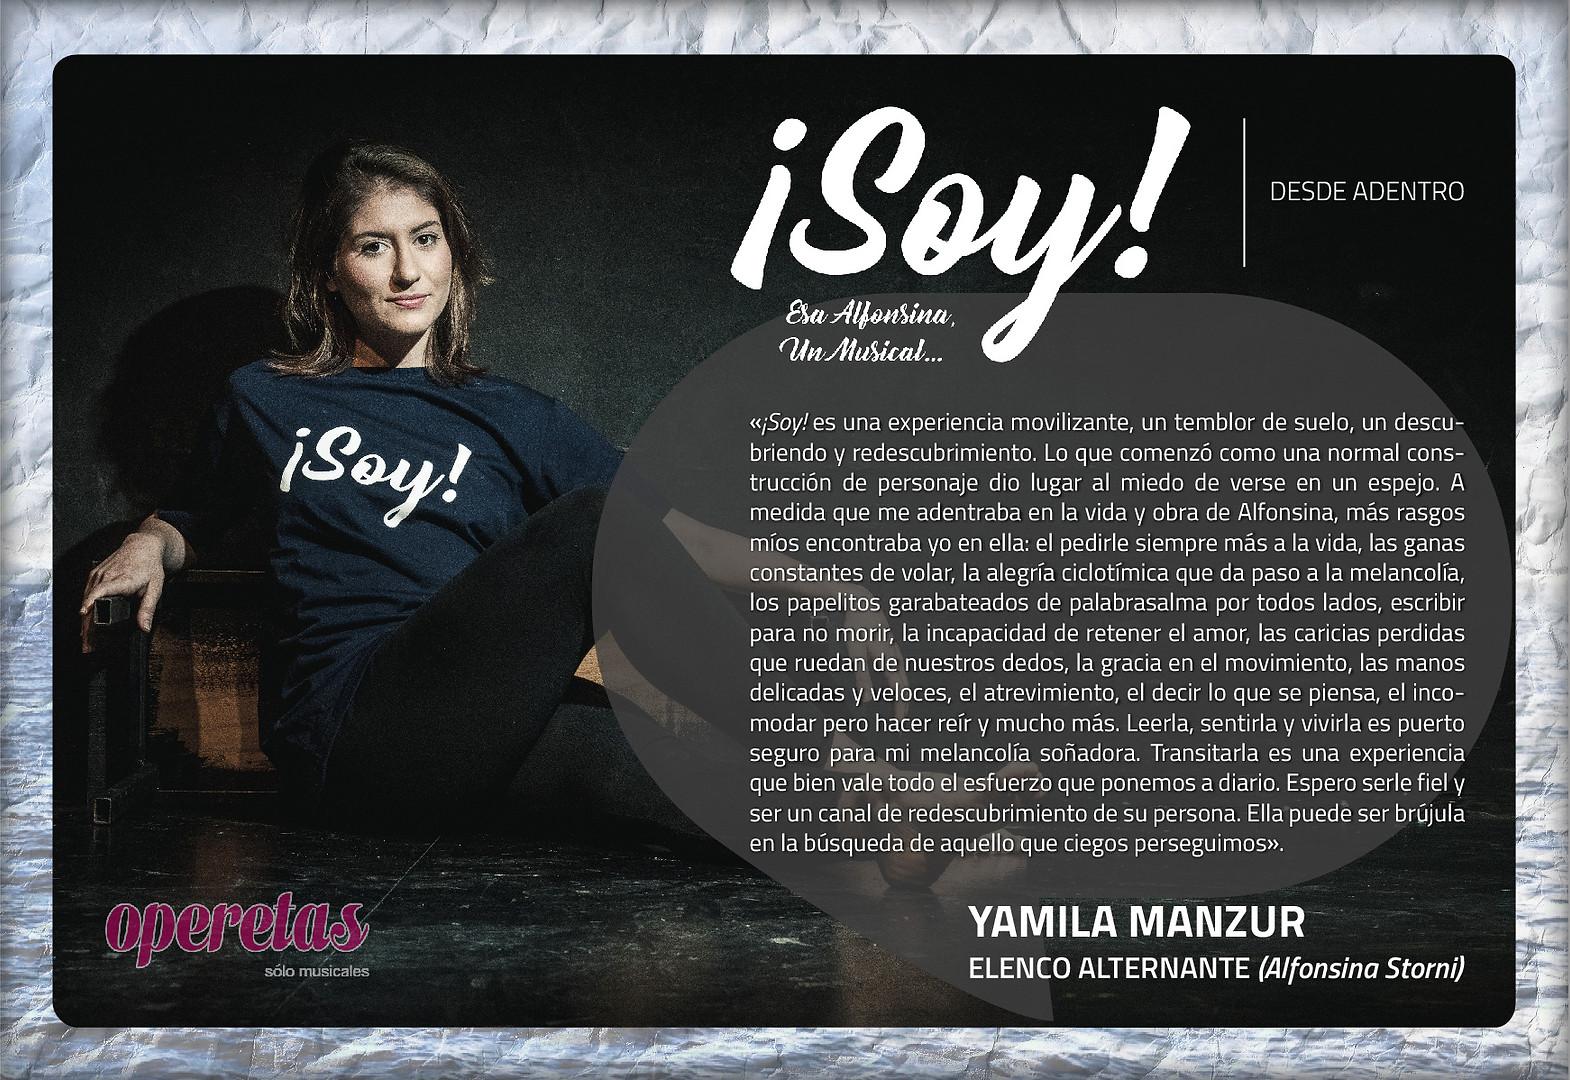 Yamila Manzur